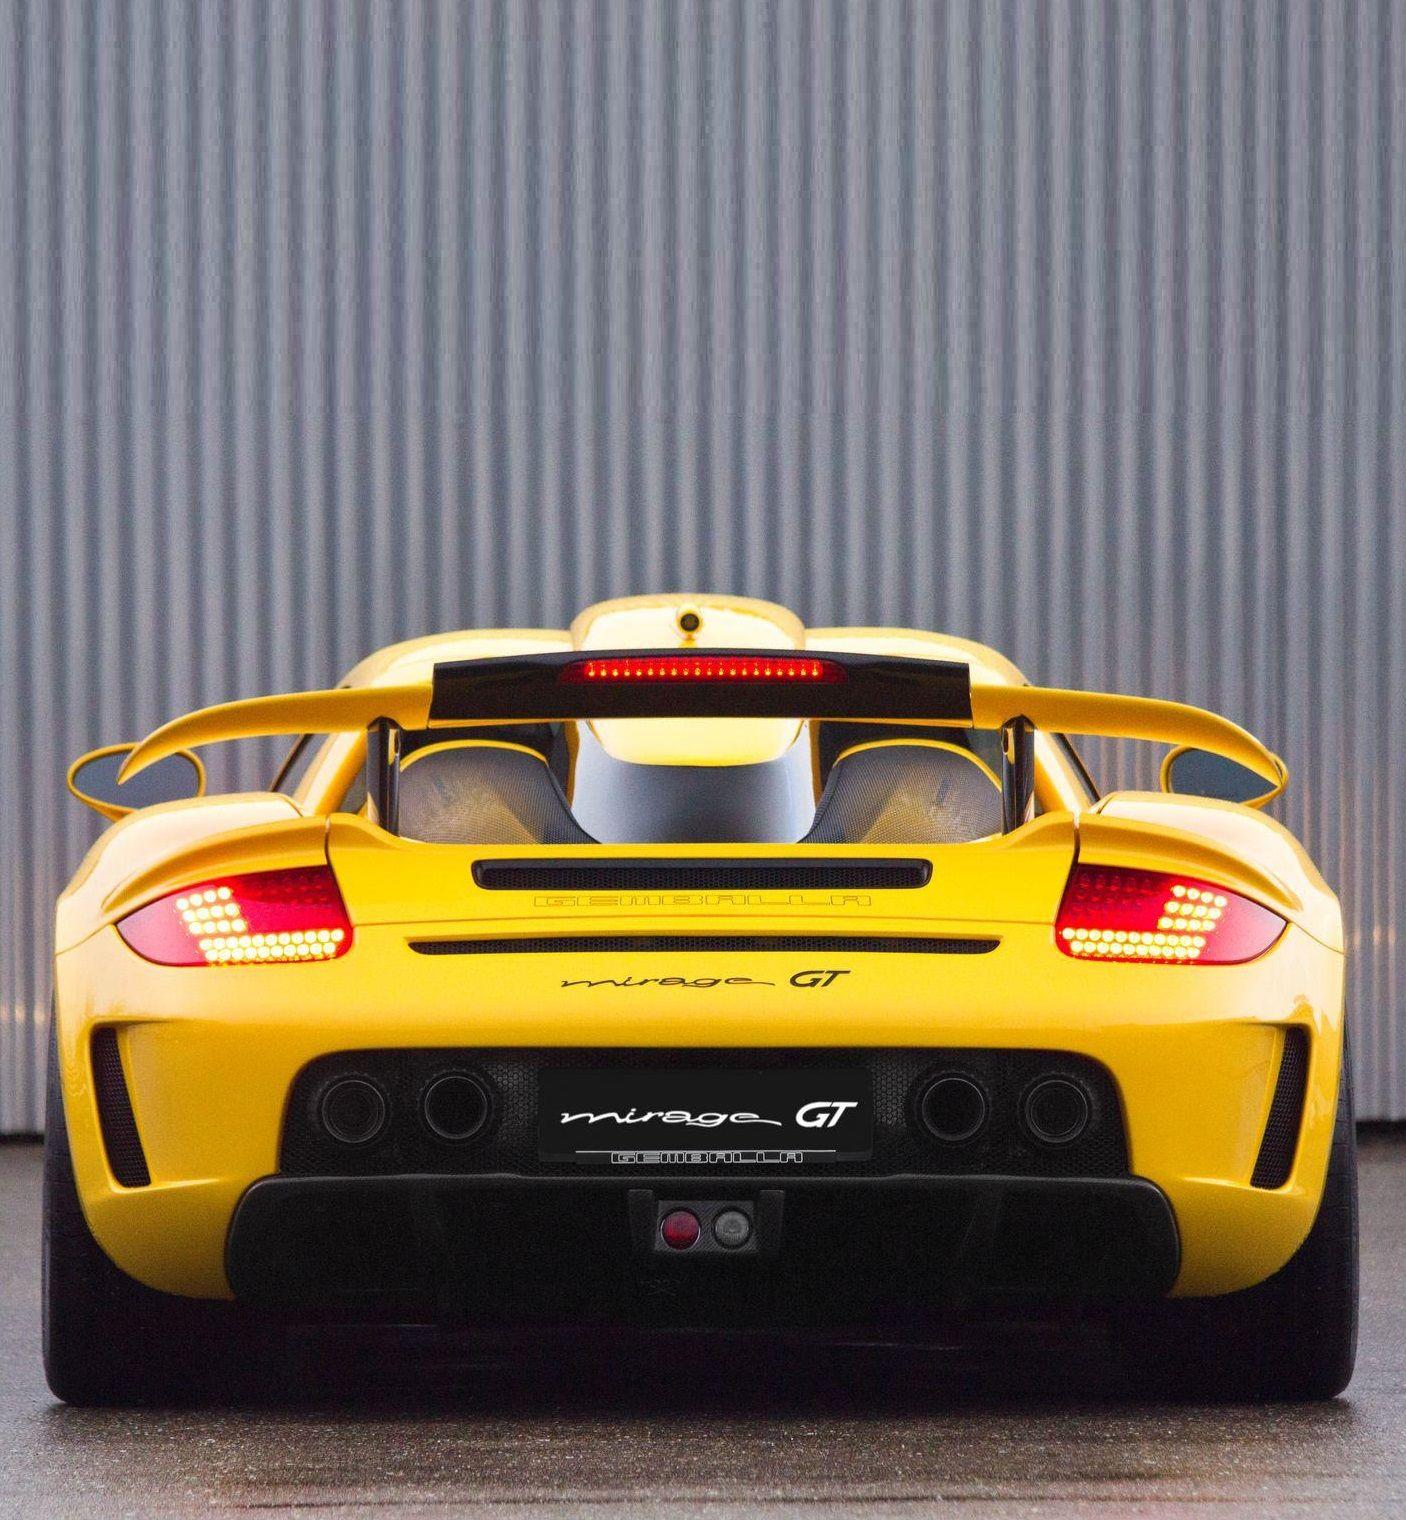 Gemballa Porsche 980 Carrera Mirage Gt Black Edition Porsche Carrera Porsche Carrera Gt Porsche